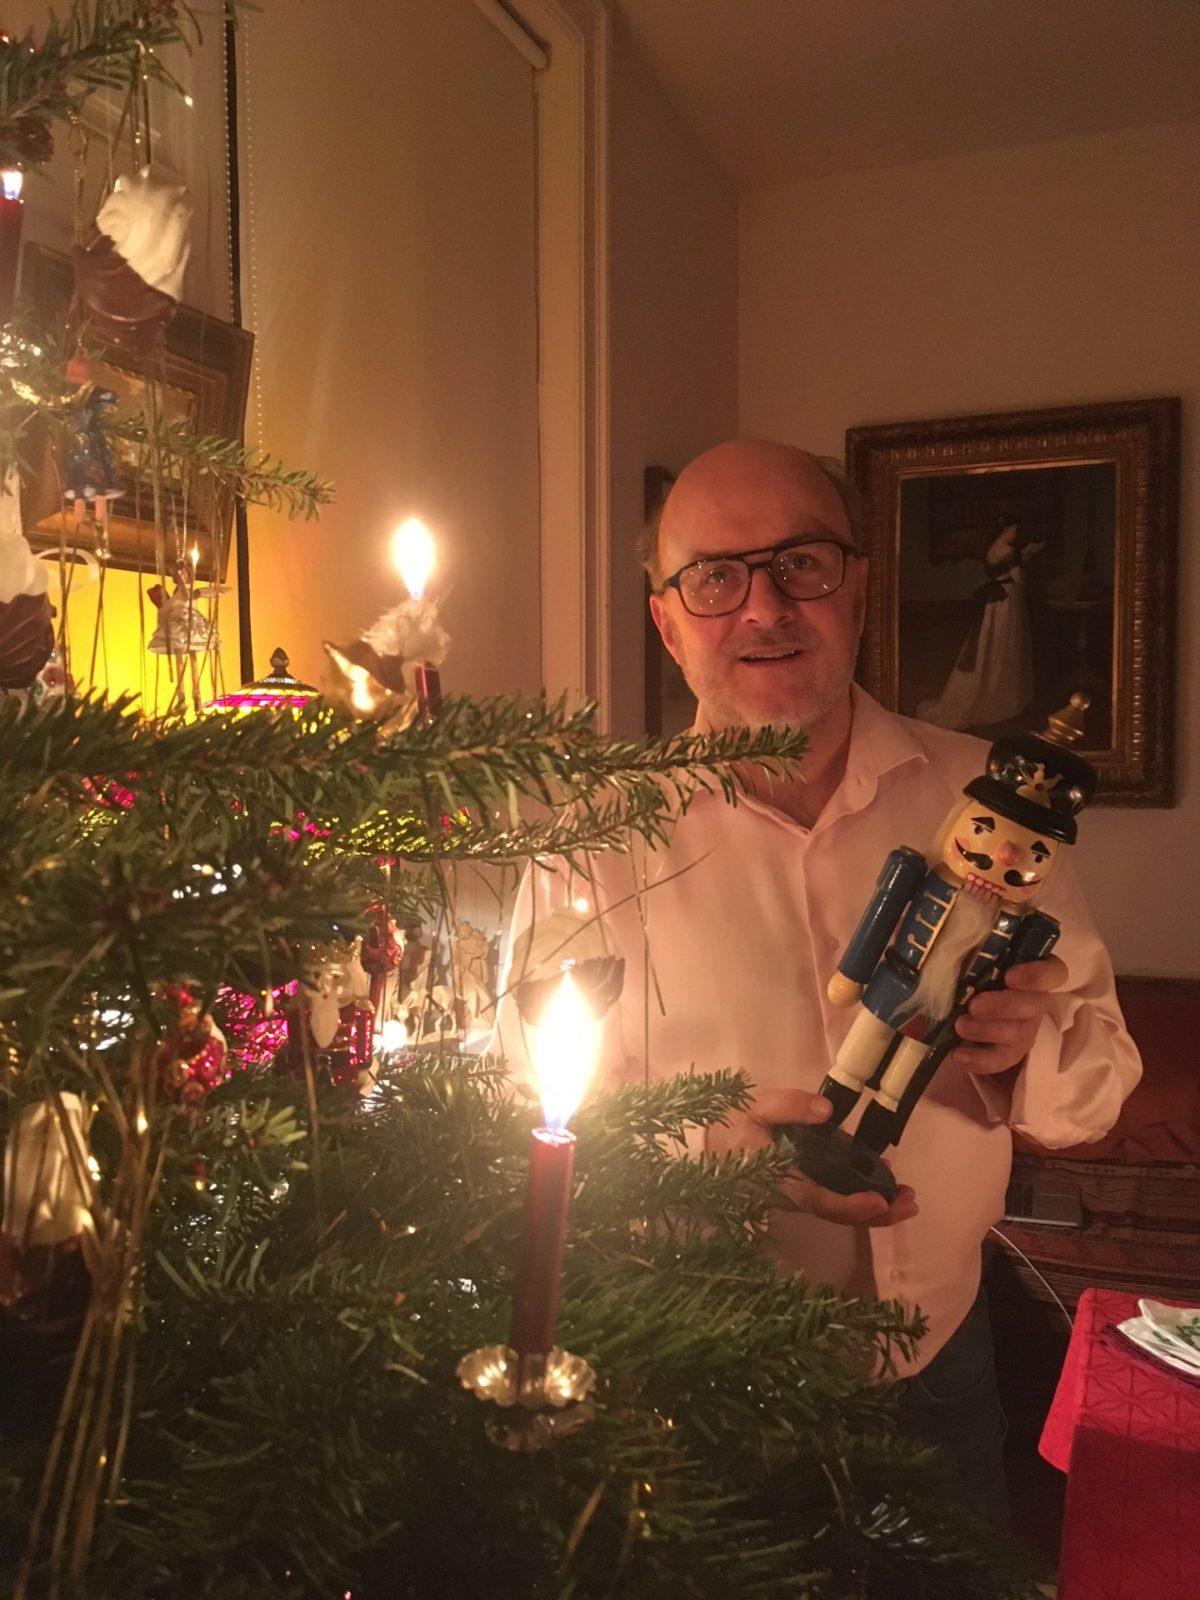 Weihnachtsgrüße von klassik-begeistert-AutorInnnen 2020